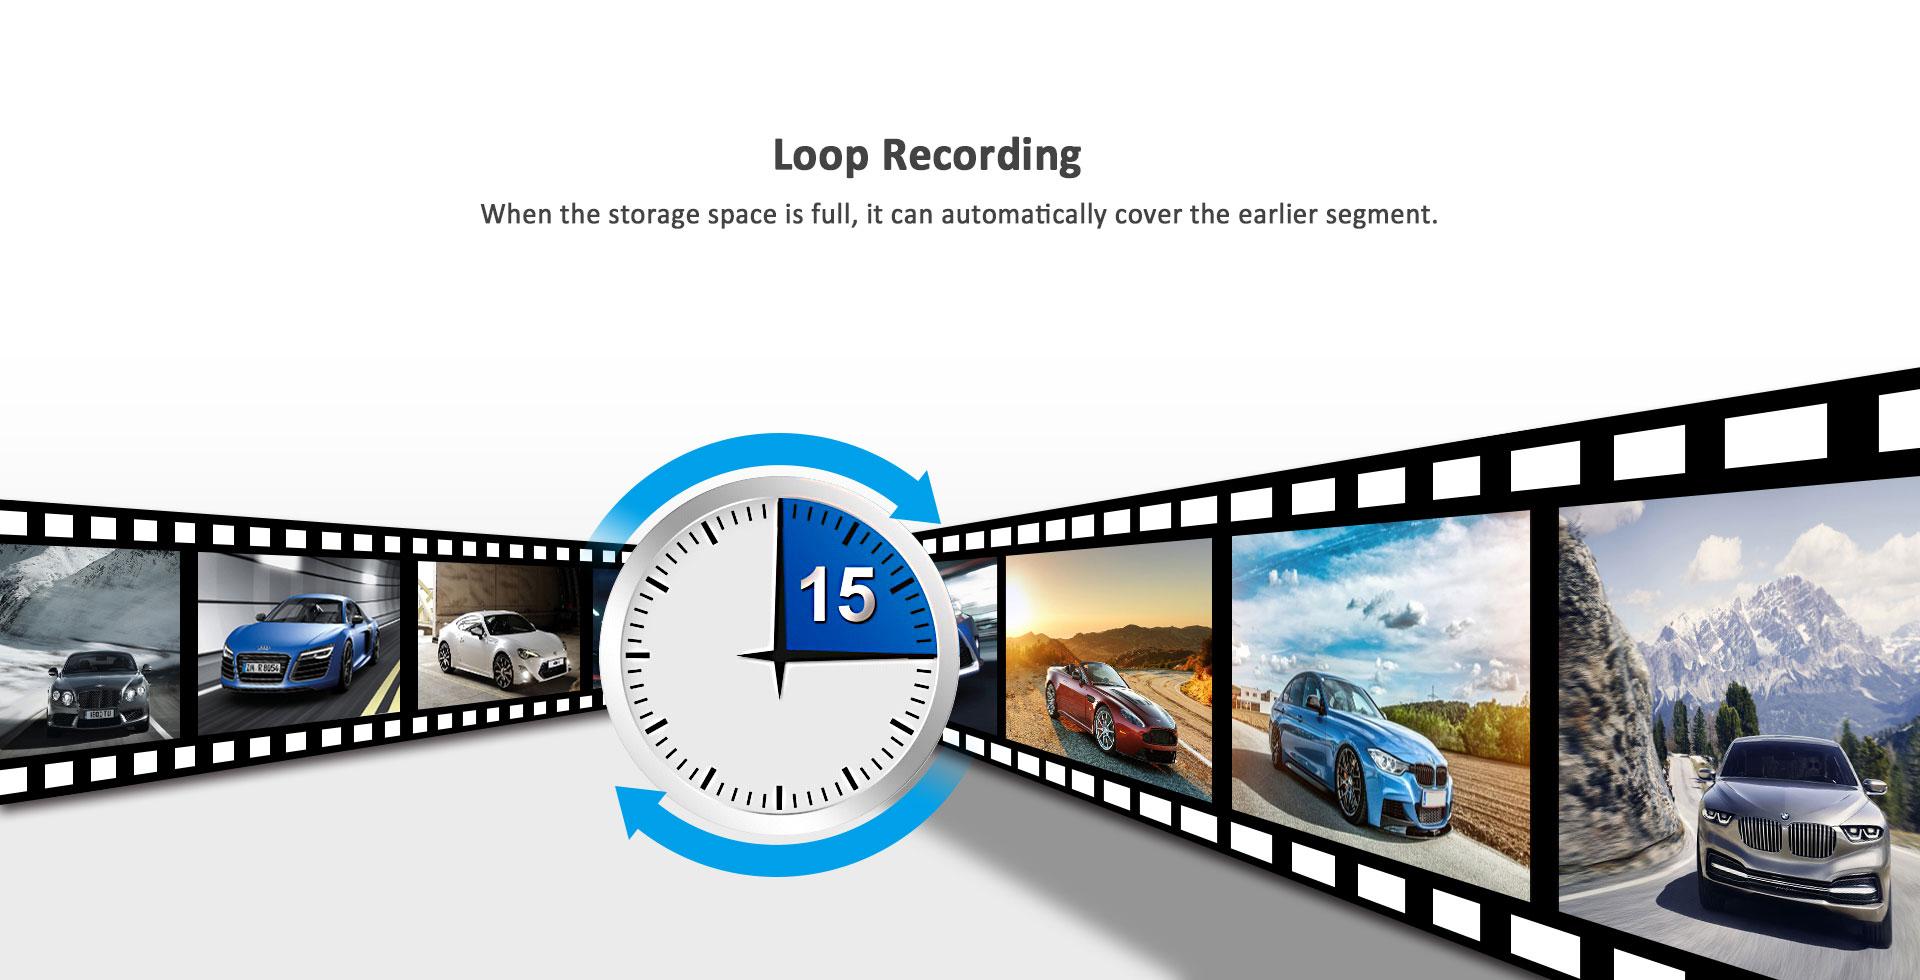 מצלמת דרך עם עדשה פנימית וחיצונית HD עם GPS מותג TAXIBOX - הקלטה בסבב